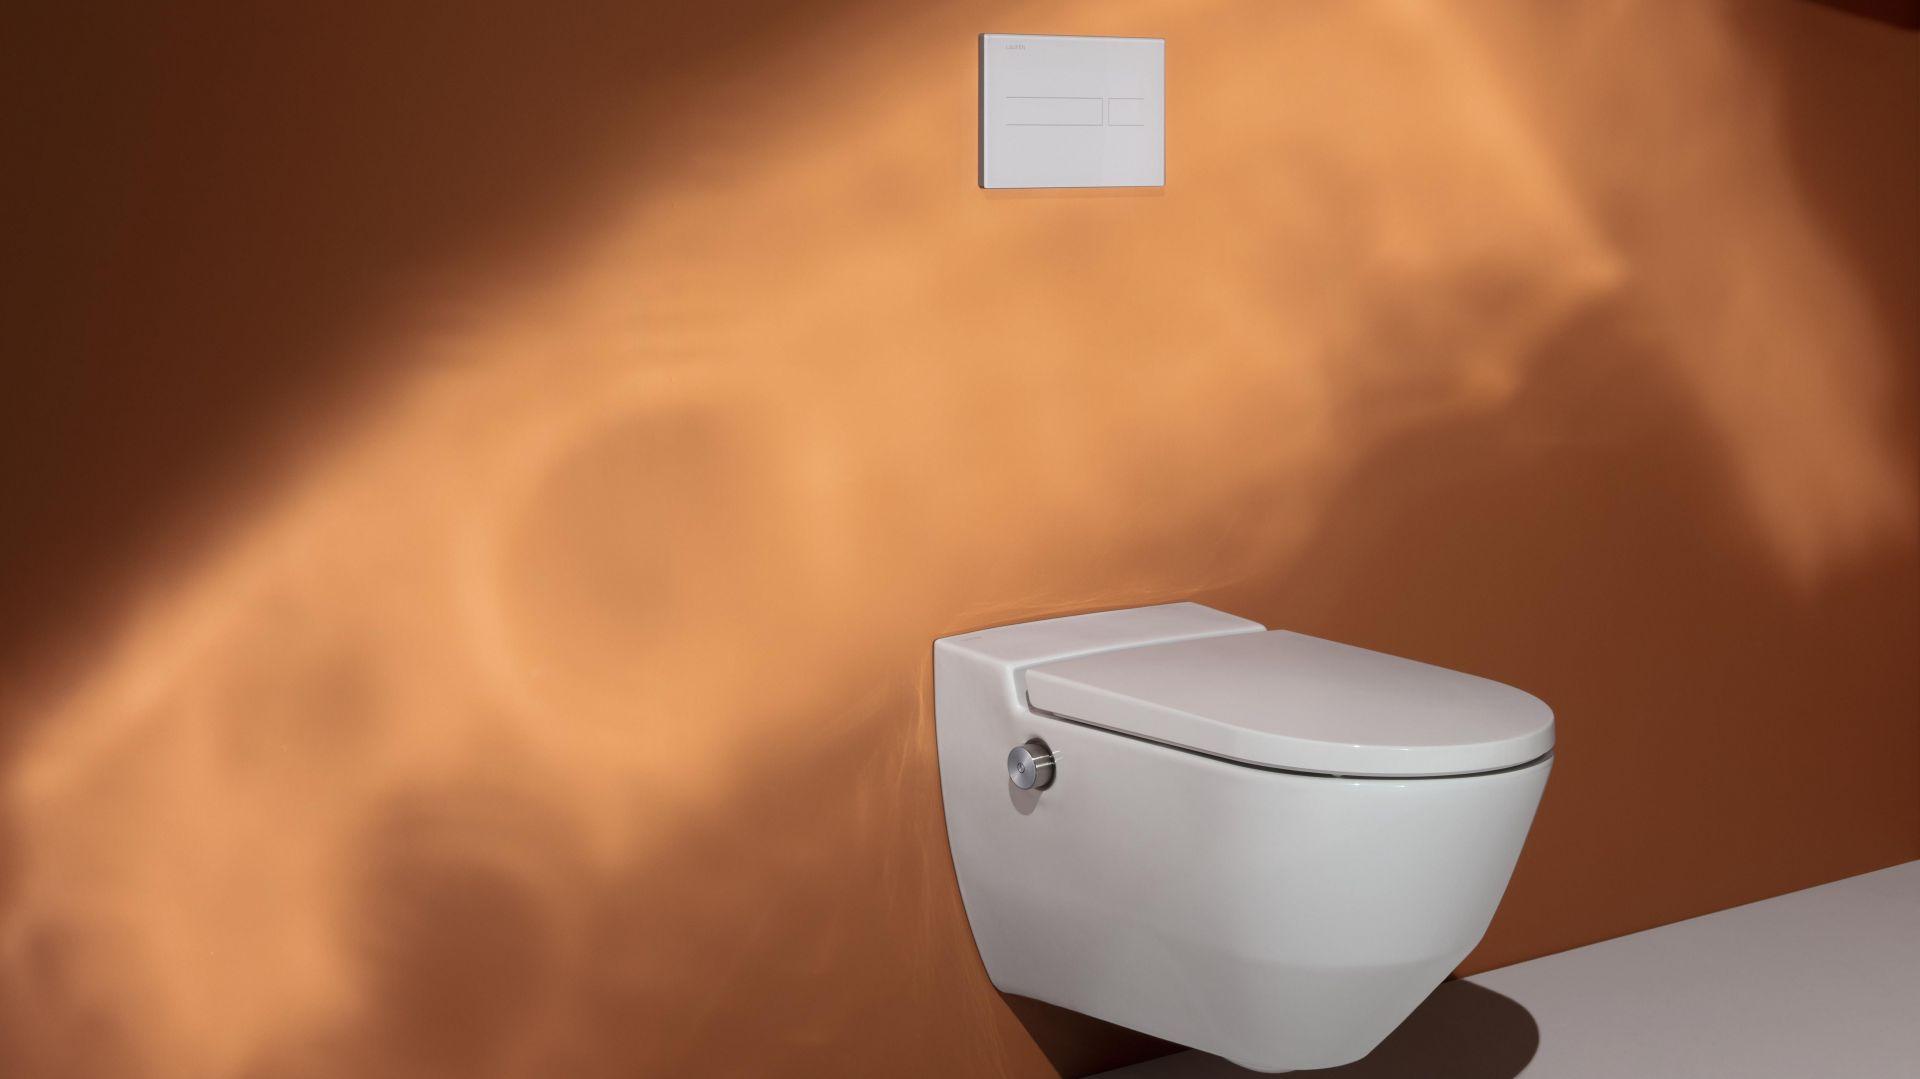 Toaleta myjąca Navia z bezkołnierzową miską w.c. z higieniczną powłoką LCC. Fot. Laufen